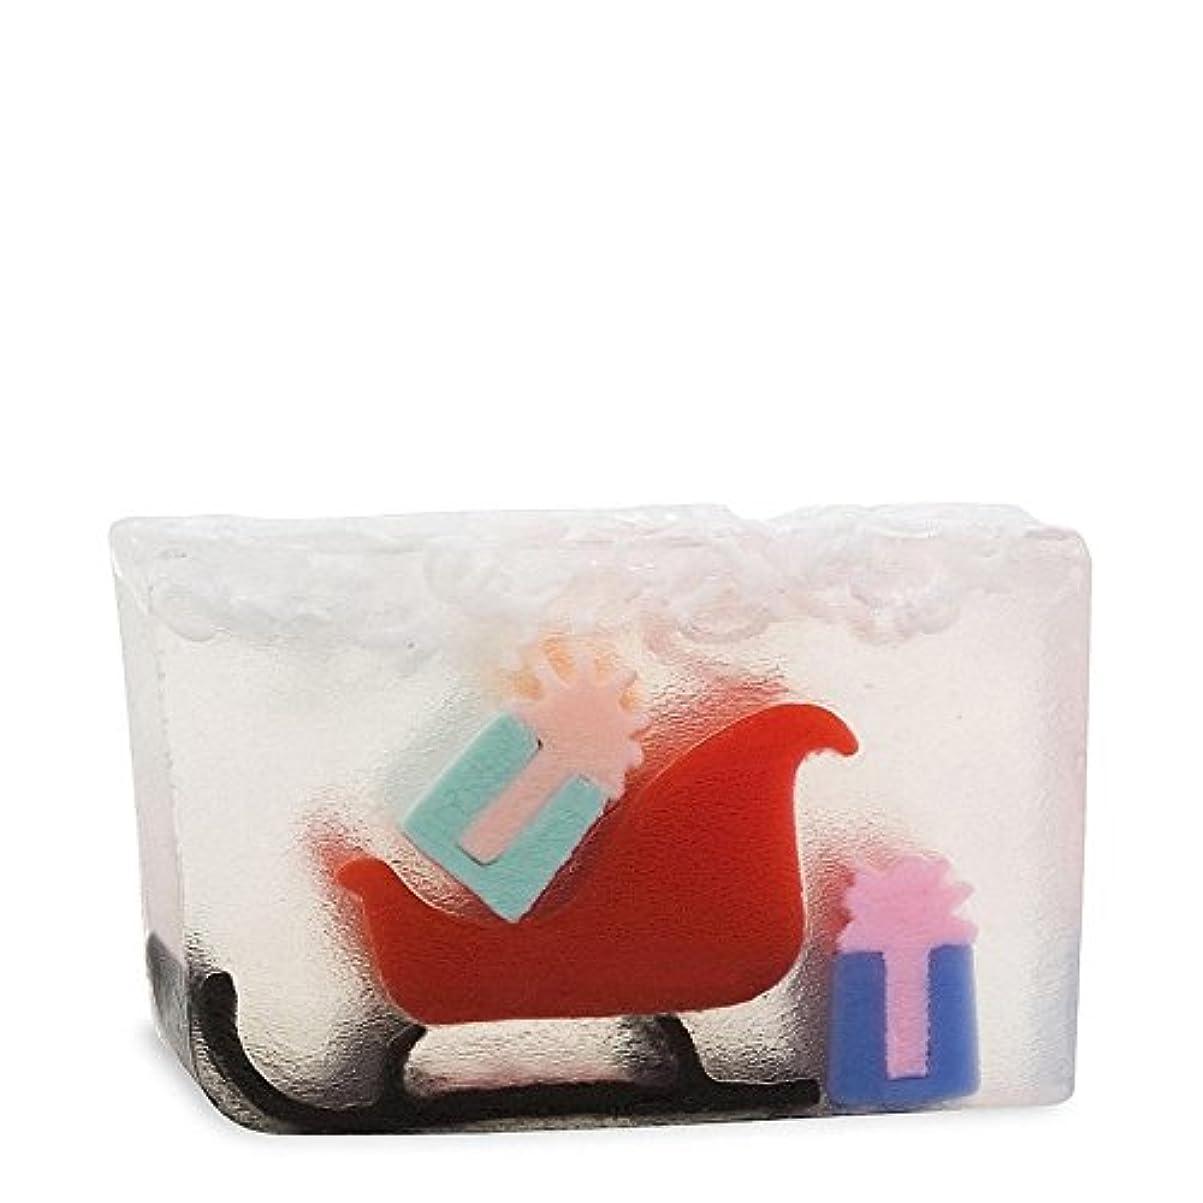 目覚める深くシュートPrimal Elements Santas Sleigh - 原始要素のサンタのそり [並行輸入品]